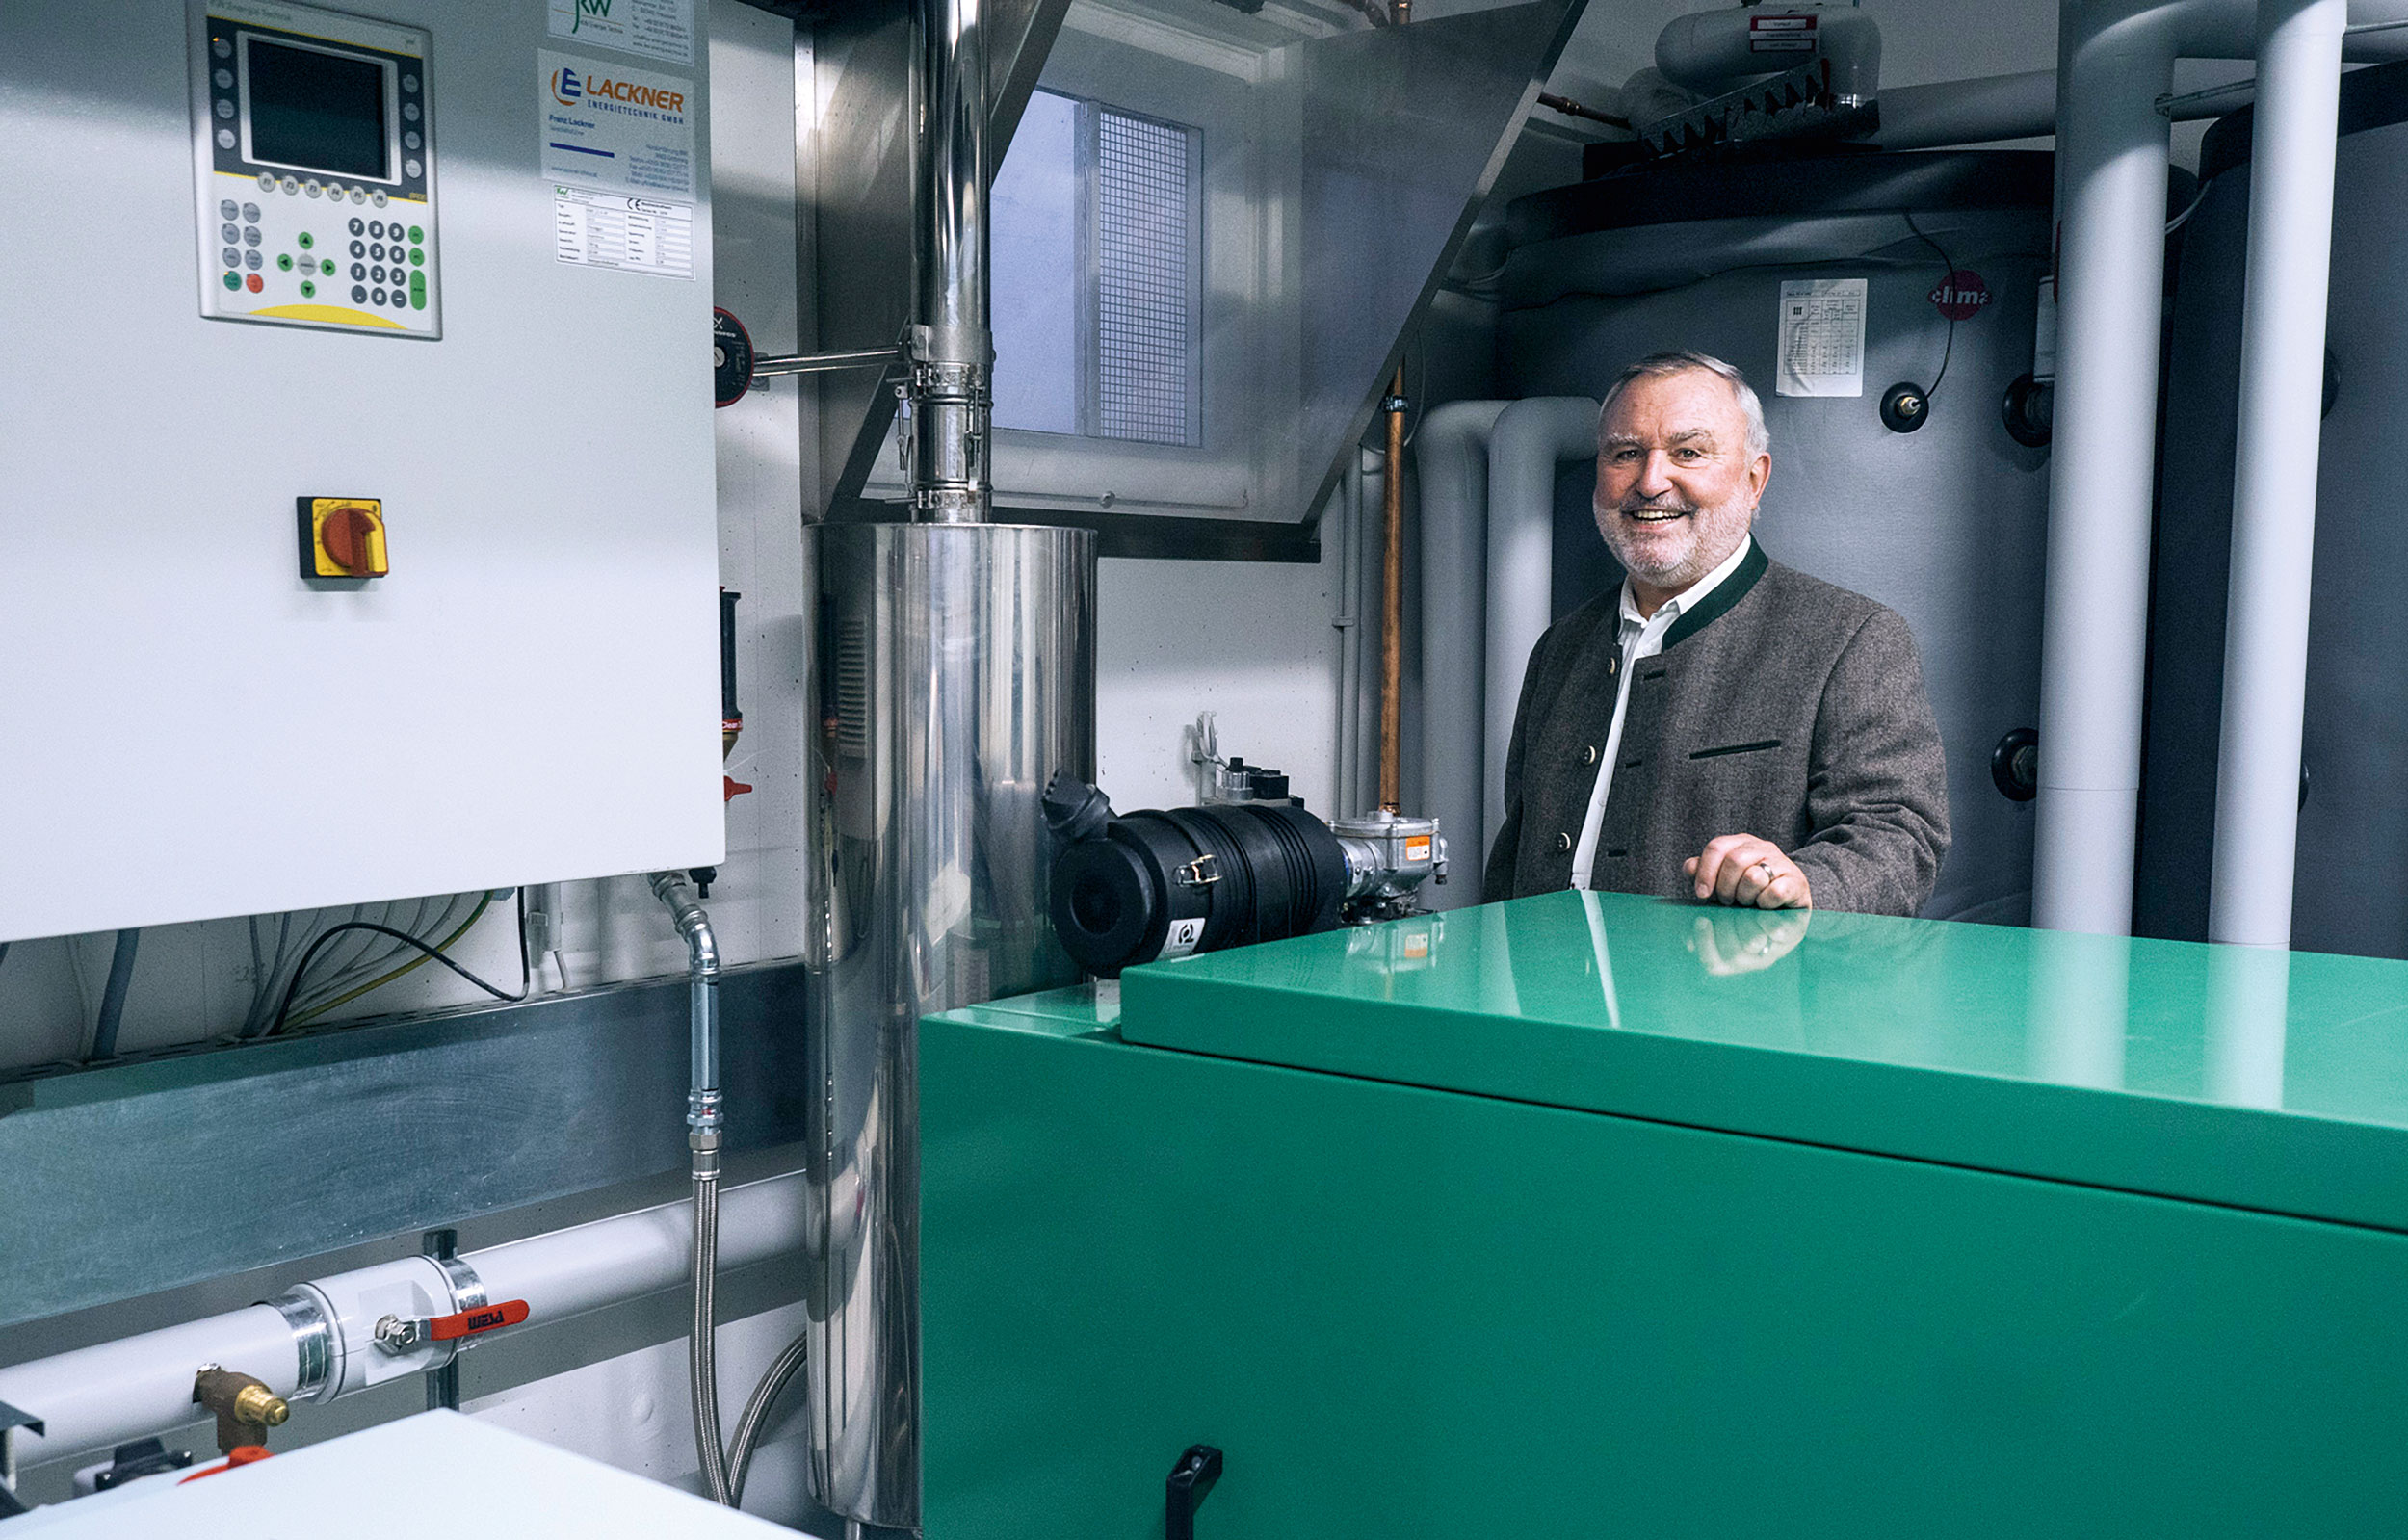 Hotelbesitzer Ulrich Becker mit einem seiner zwei Blockheizkraftwerke (BHKW).